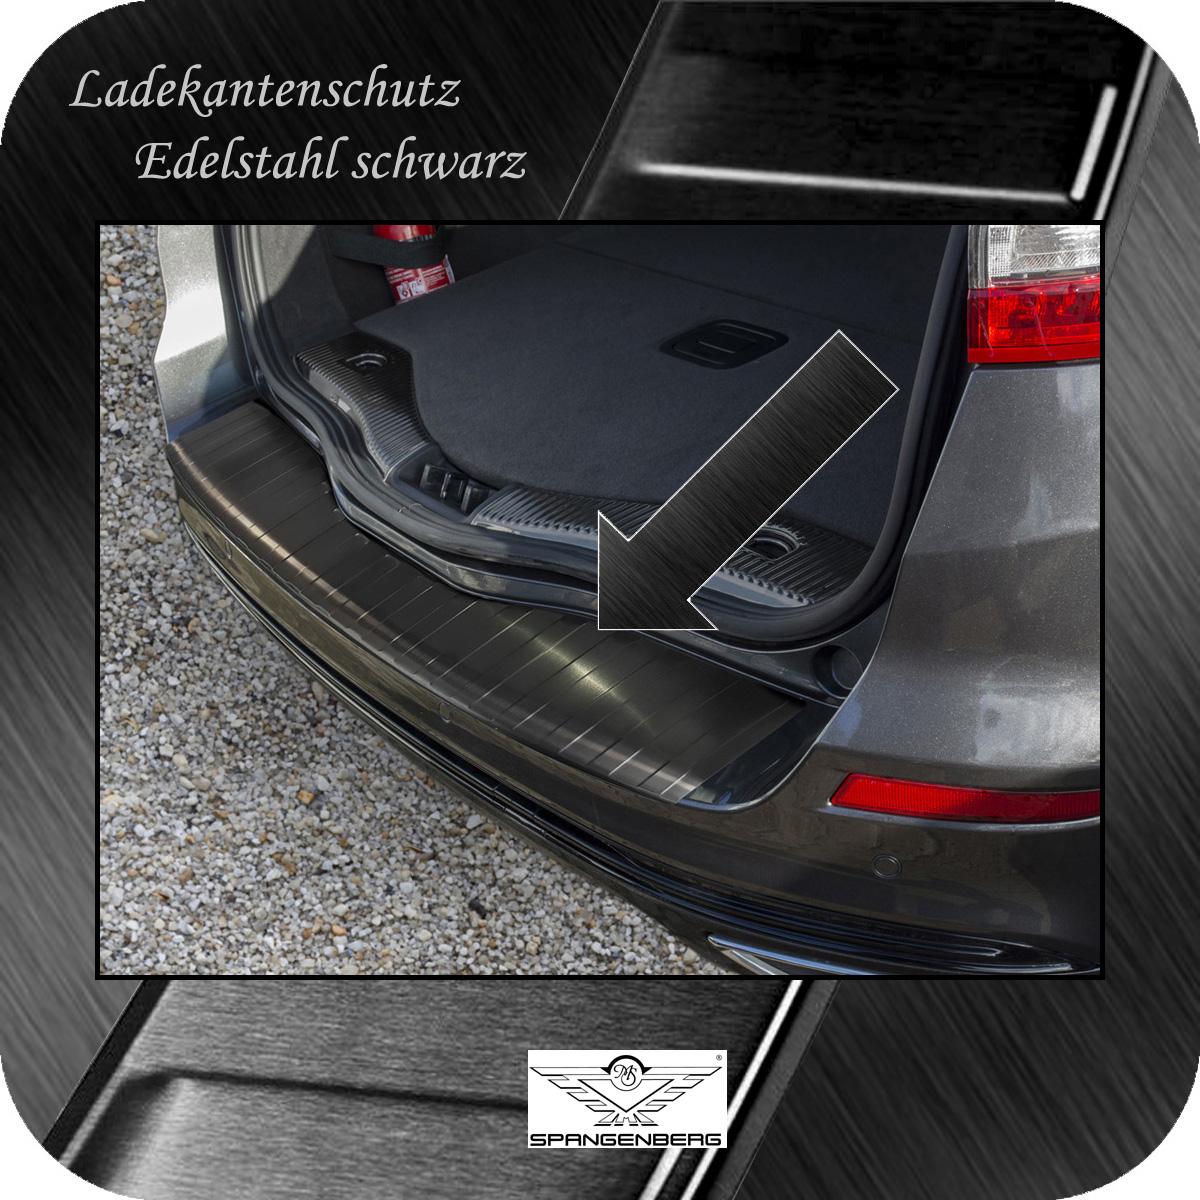 Ladekantenschutz Edelstahl schwarz graphit Ford Mondeo V Turnier 9.2014- 3245045